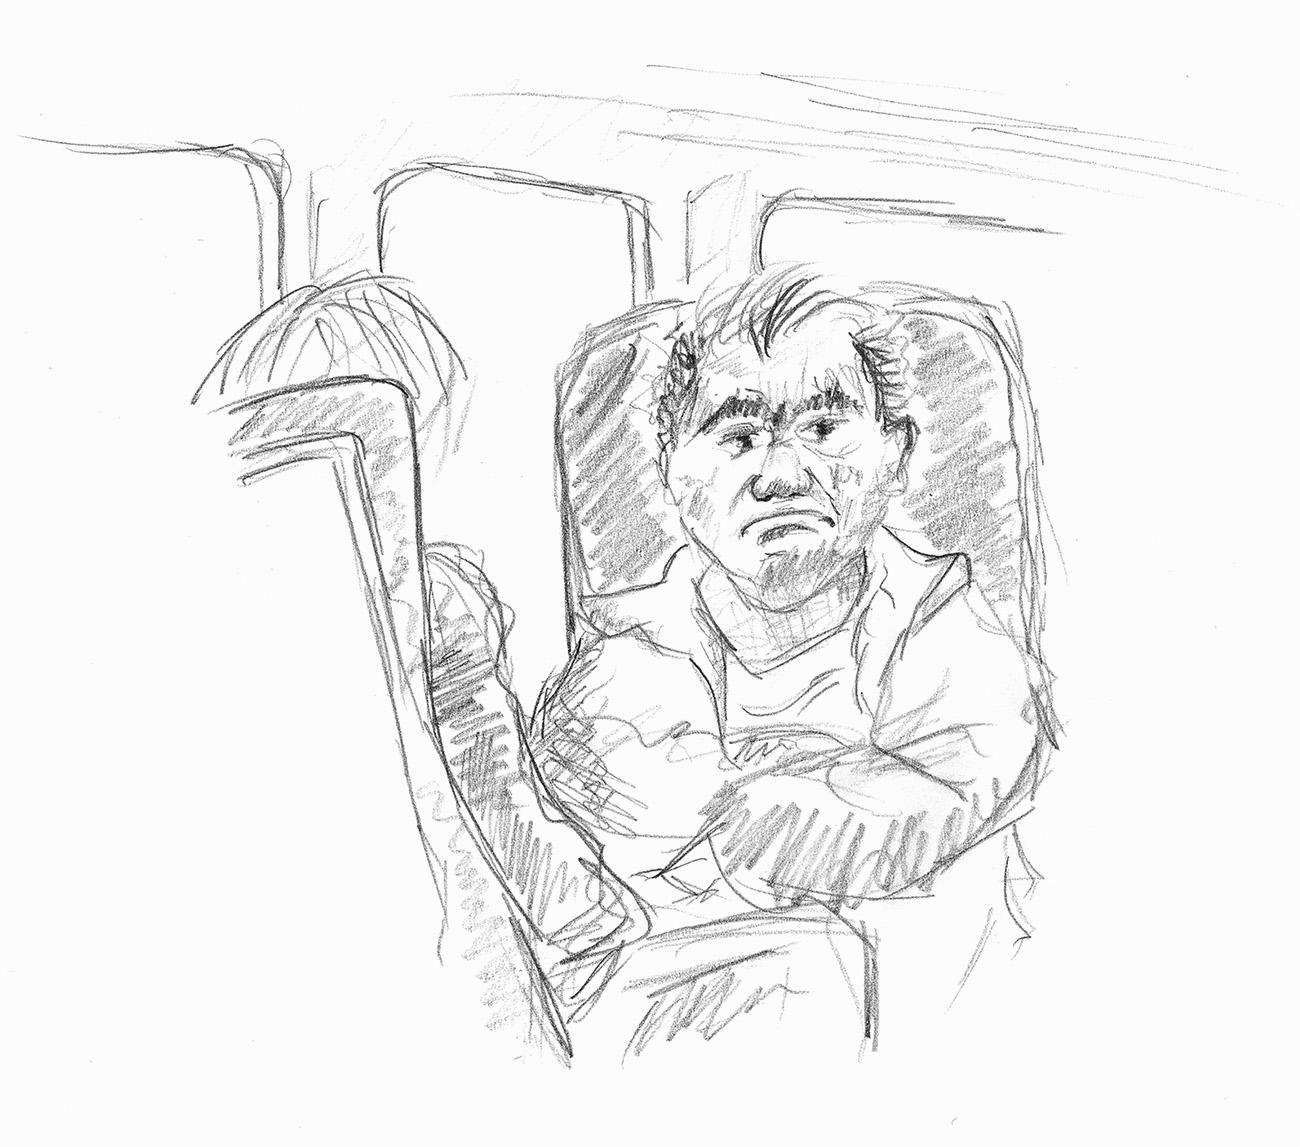 Skizze eines grimmigen Pendlers im Zug